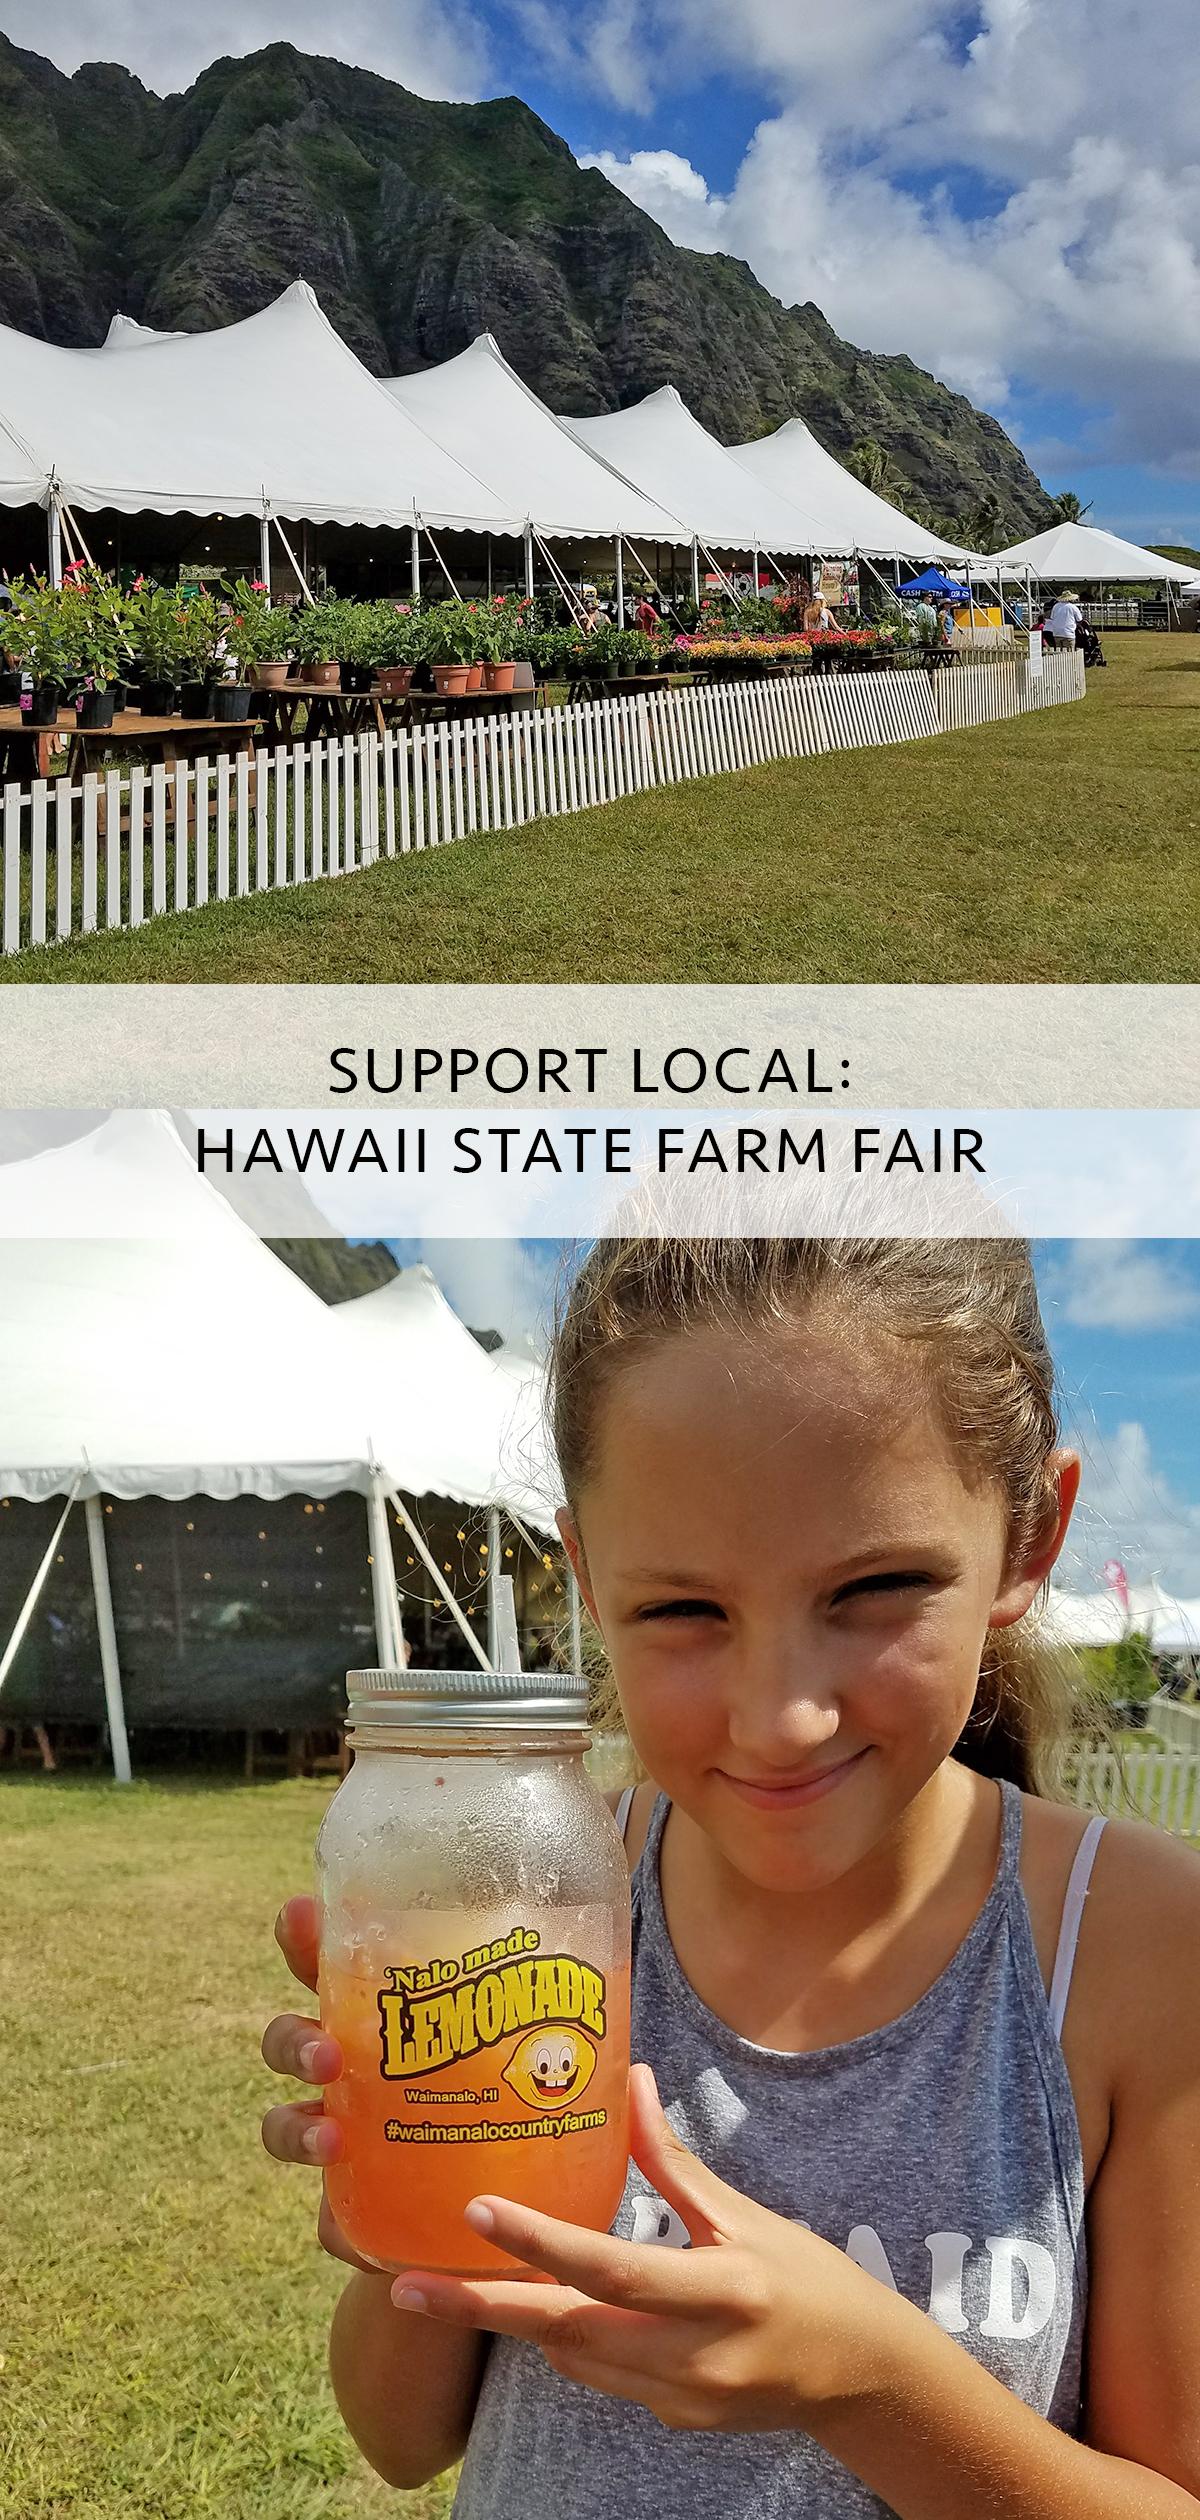 Hawaii State Farm Fair